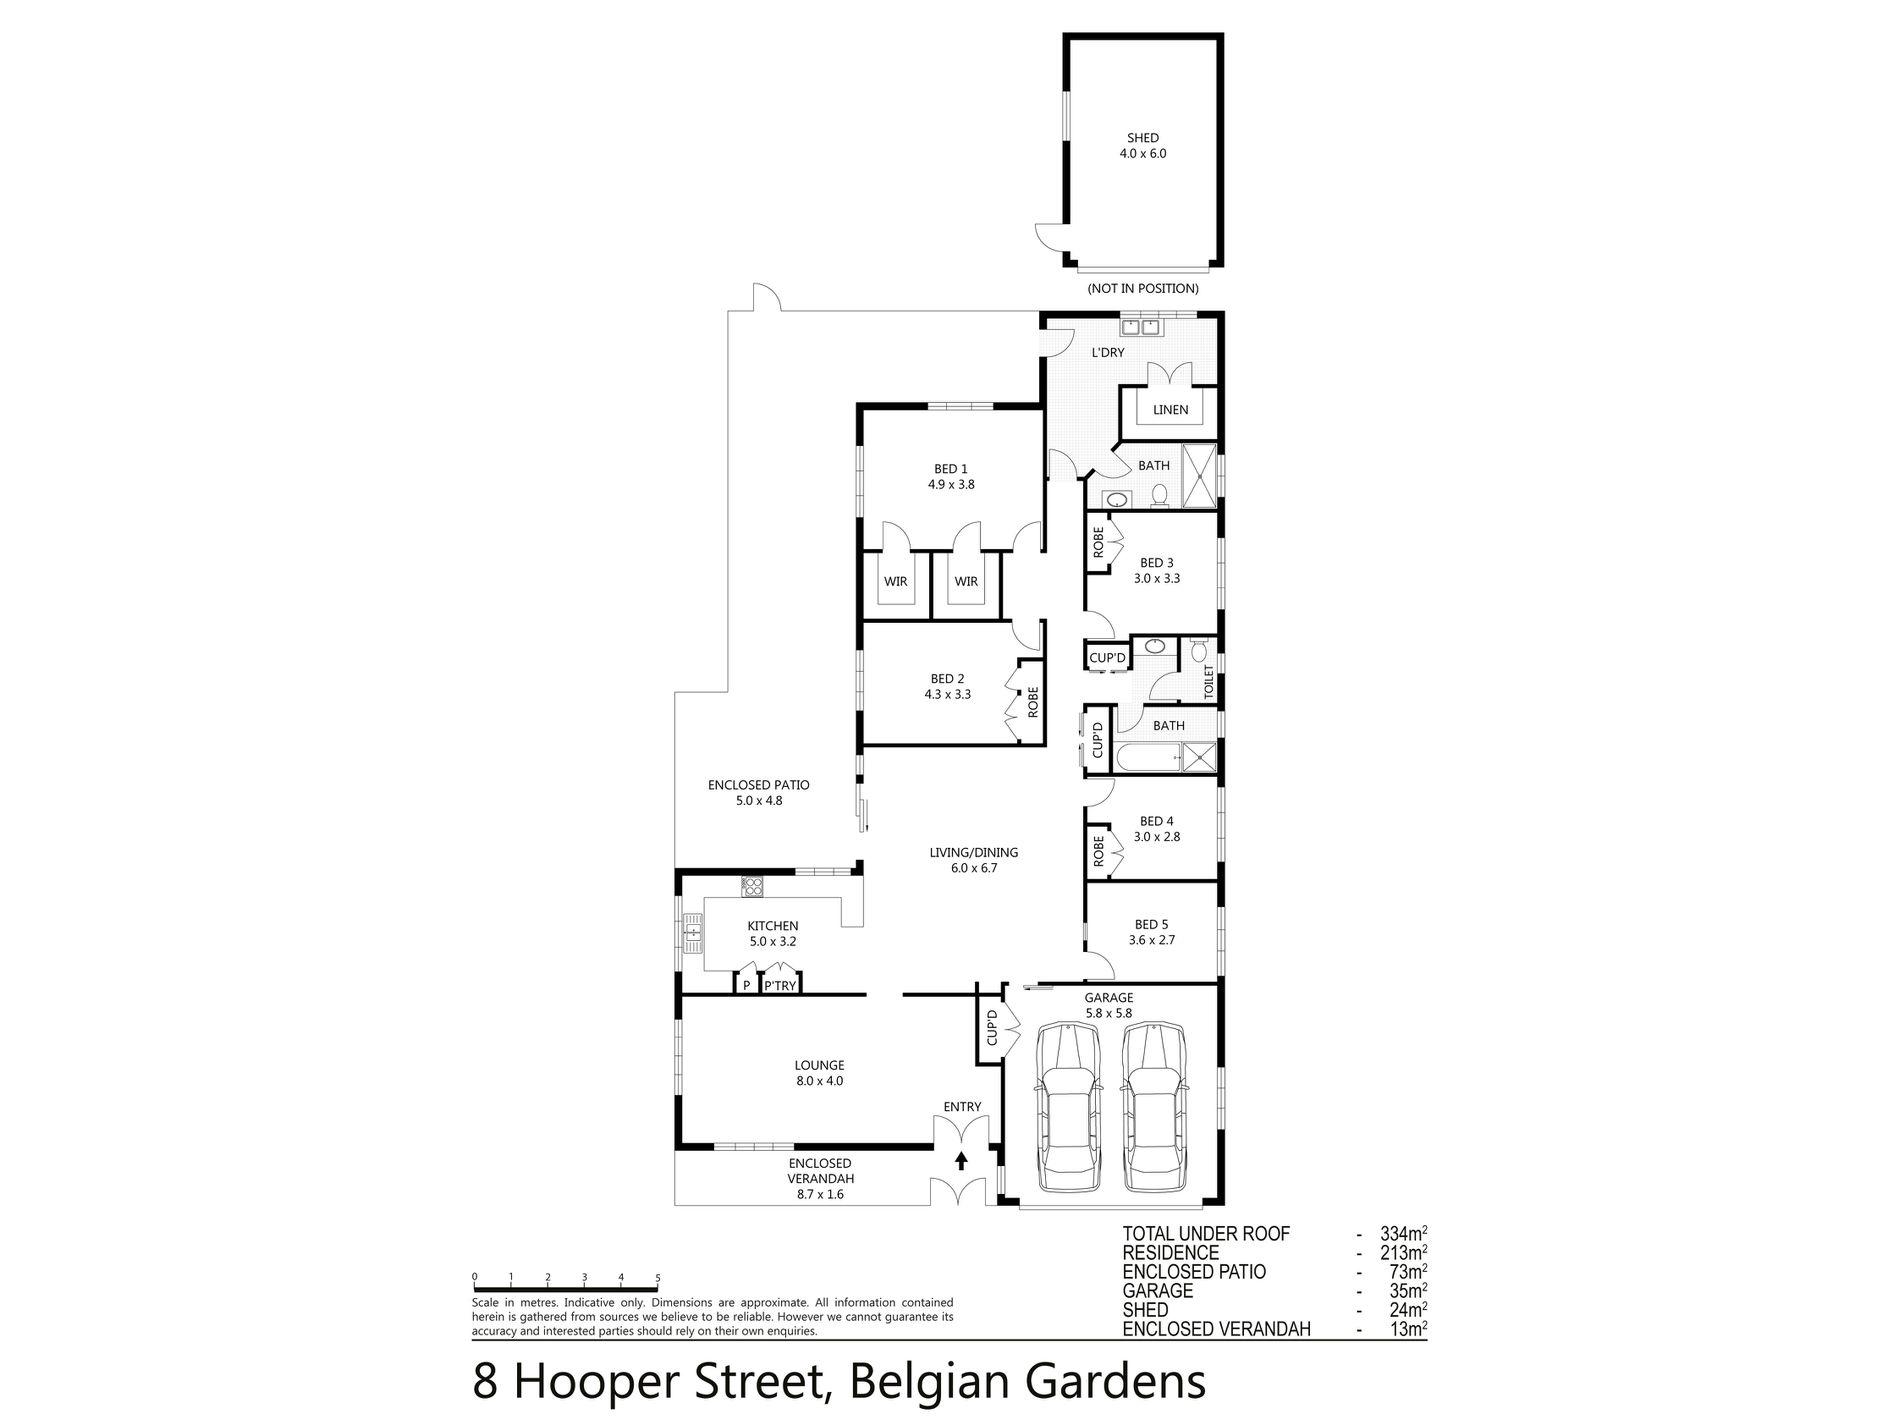 8 Hooper Street, Belgian Gardens